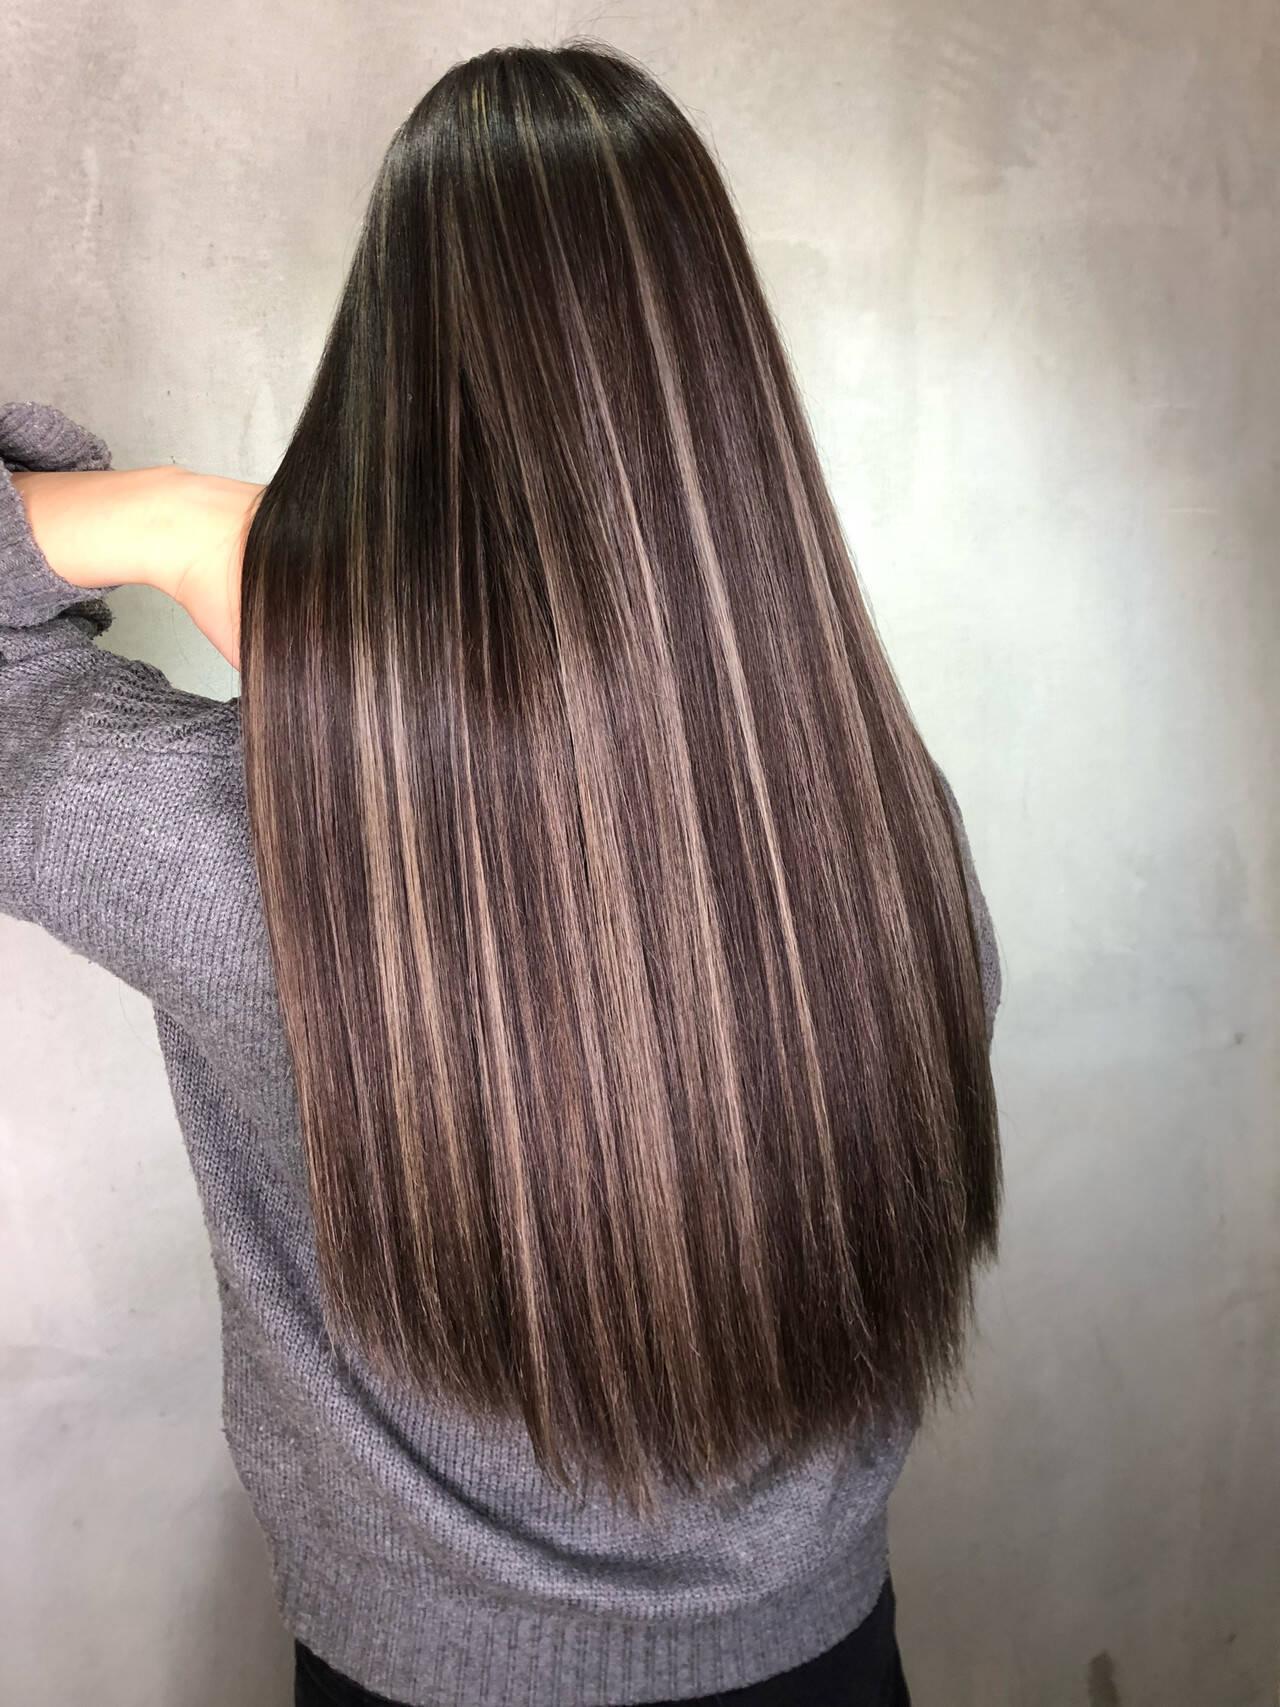 バレイヤージュ ハイライト グレージュ ロングヘアスタイルや髪型の写真・画像